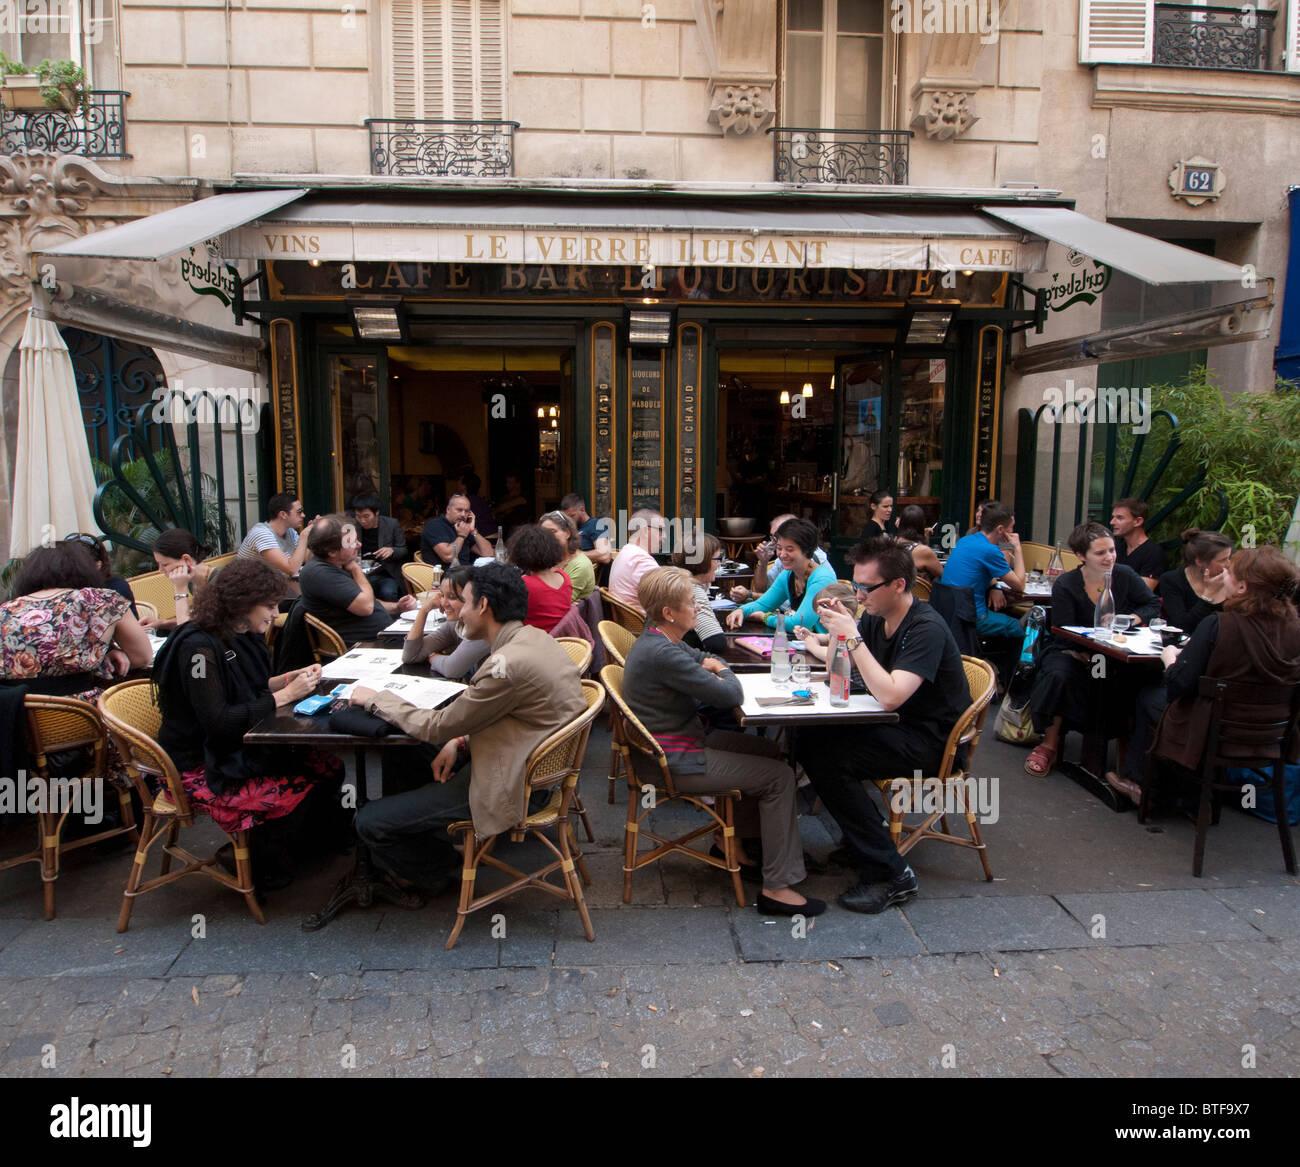 Restaurant de la chaussée occupé typique dans le quartier du Marais à Paris france Photo Stock